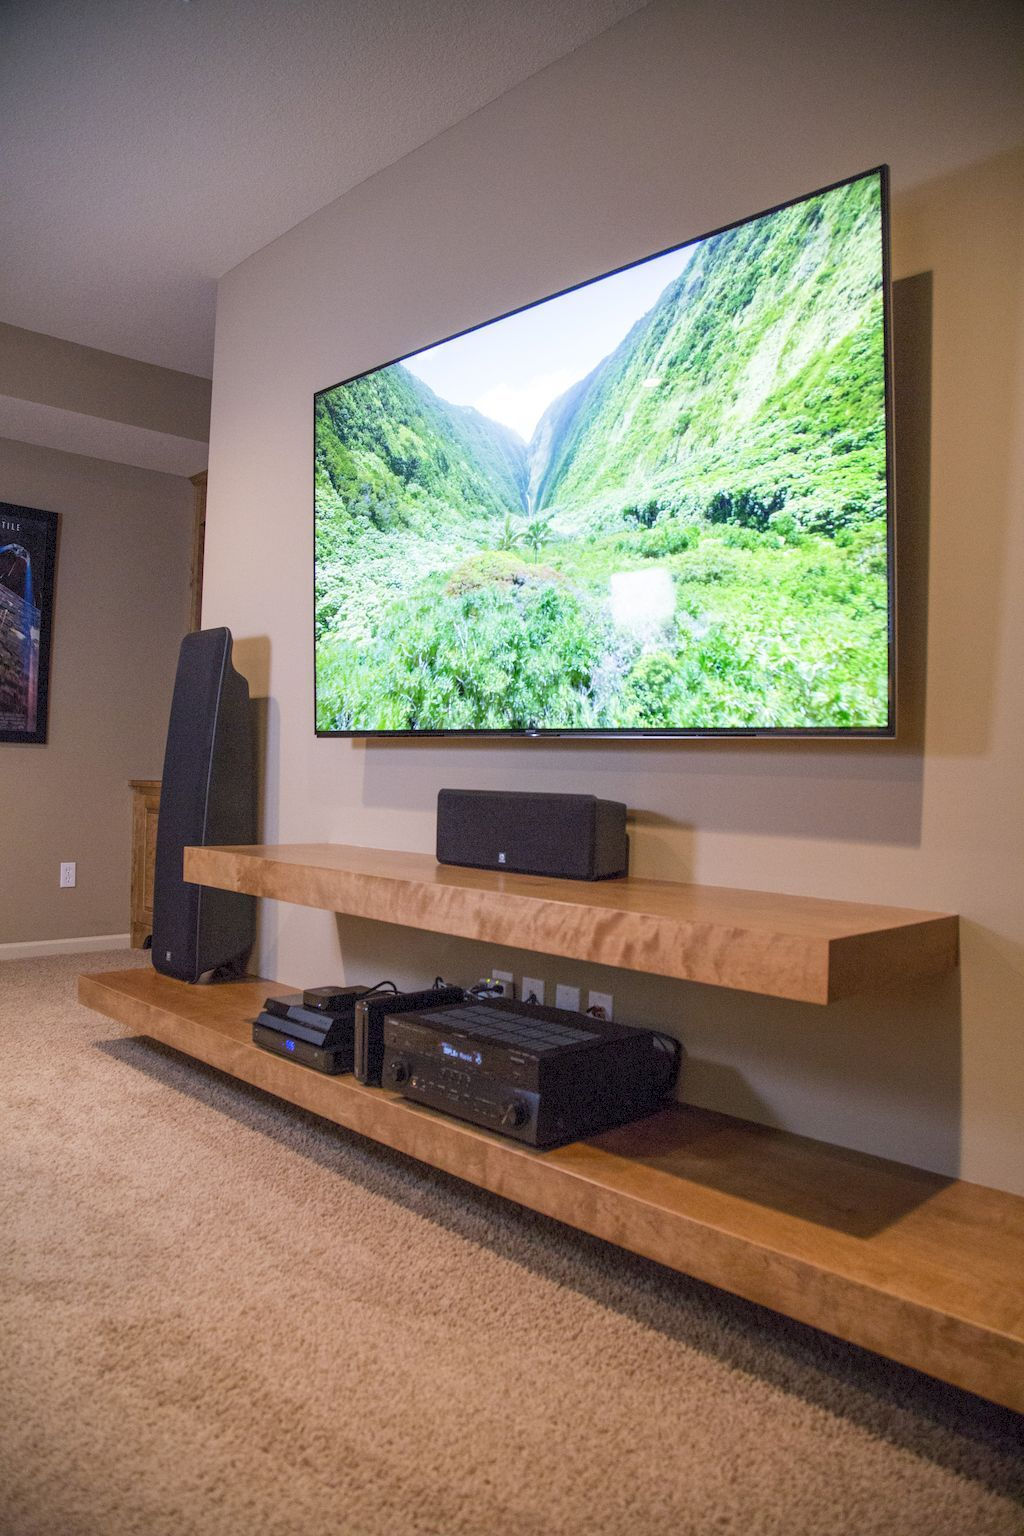 Floating Shelves For Entertainment Center 80 Diy Floating Shelves For Living Room Decorating  Shelves Living